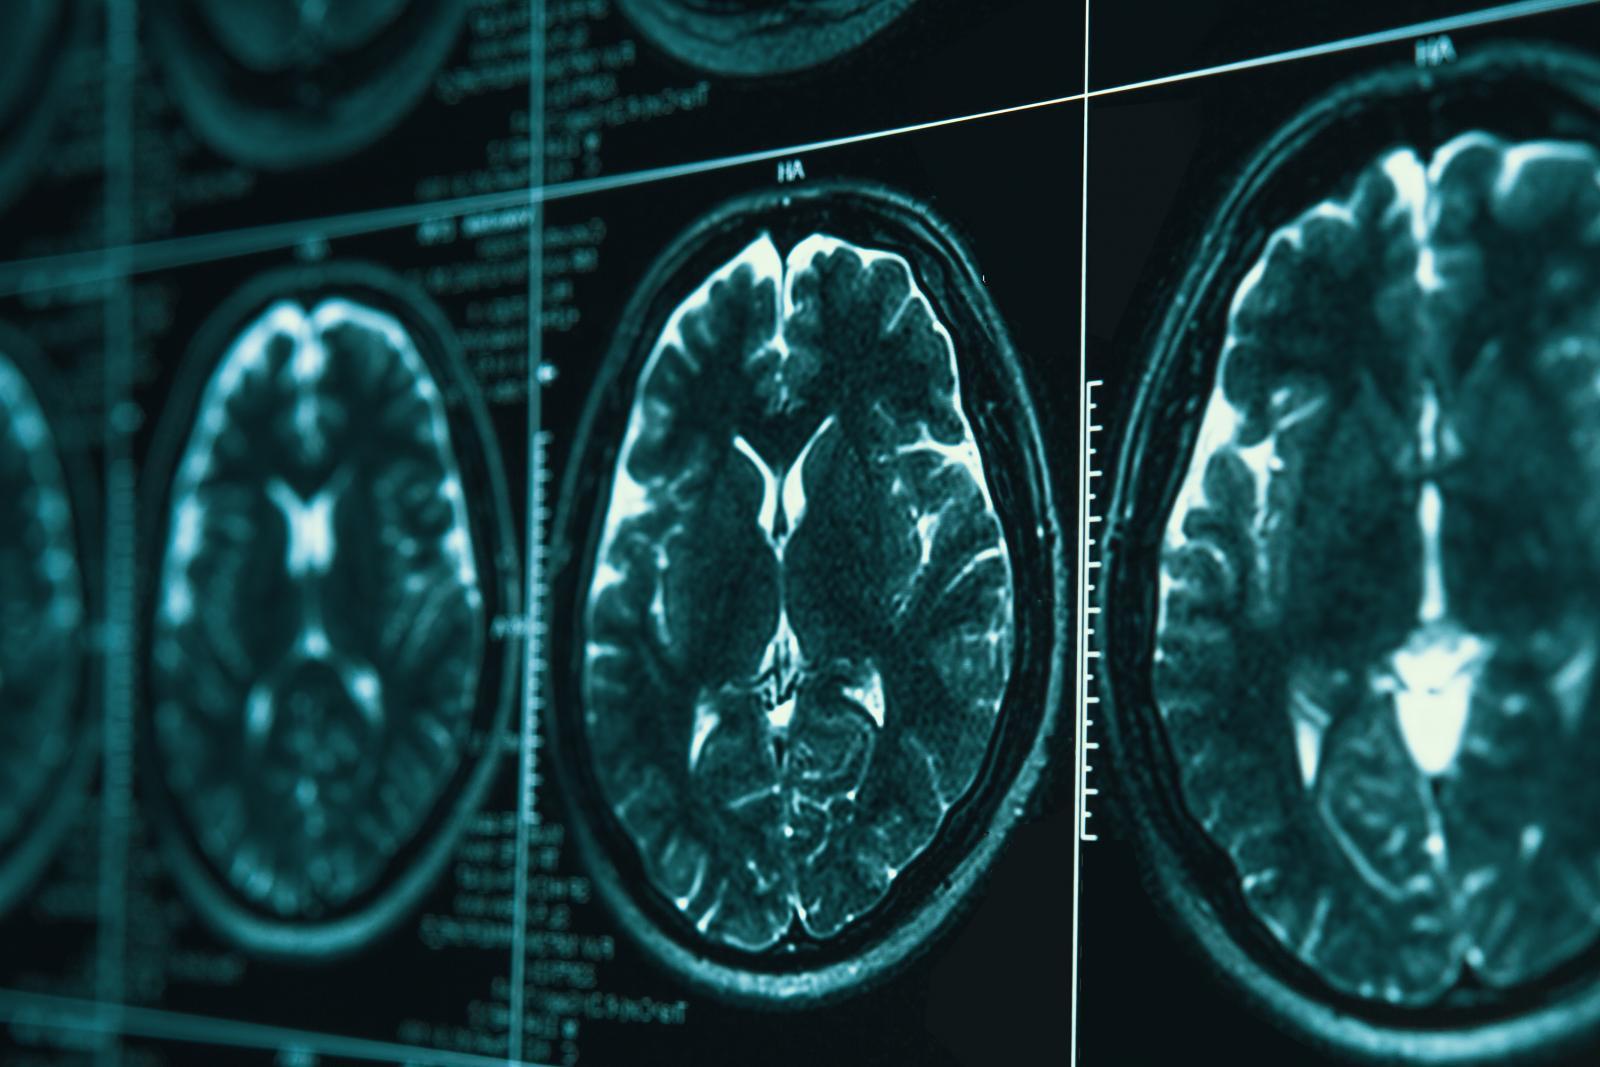 นักวิจัยพบความสัมพันธ์ โควิด-19 อาจทำให้เกิดความผิดปกติในสมอง